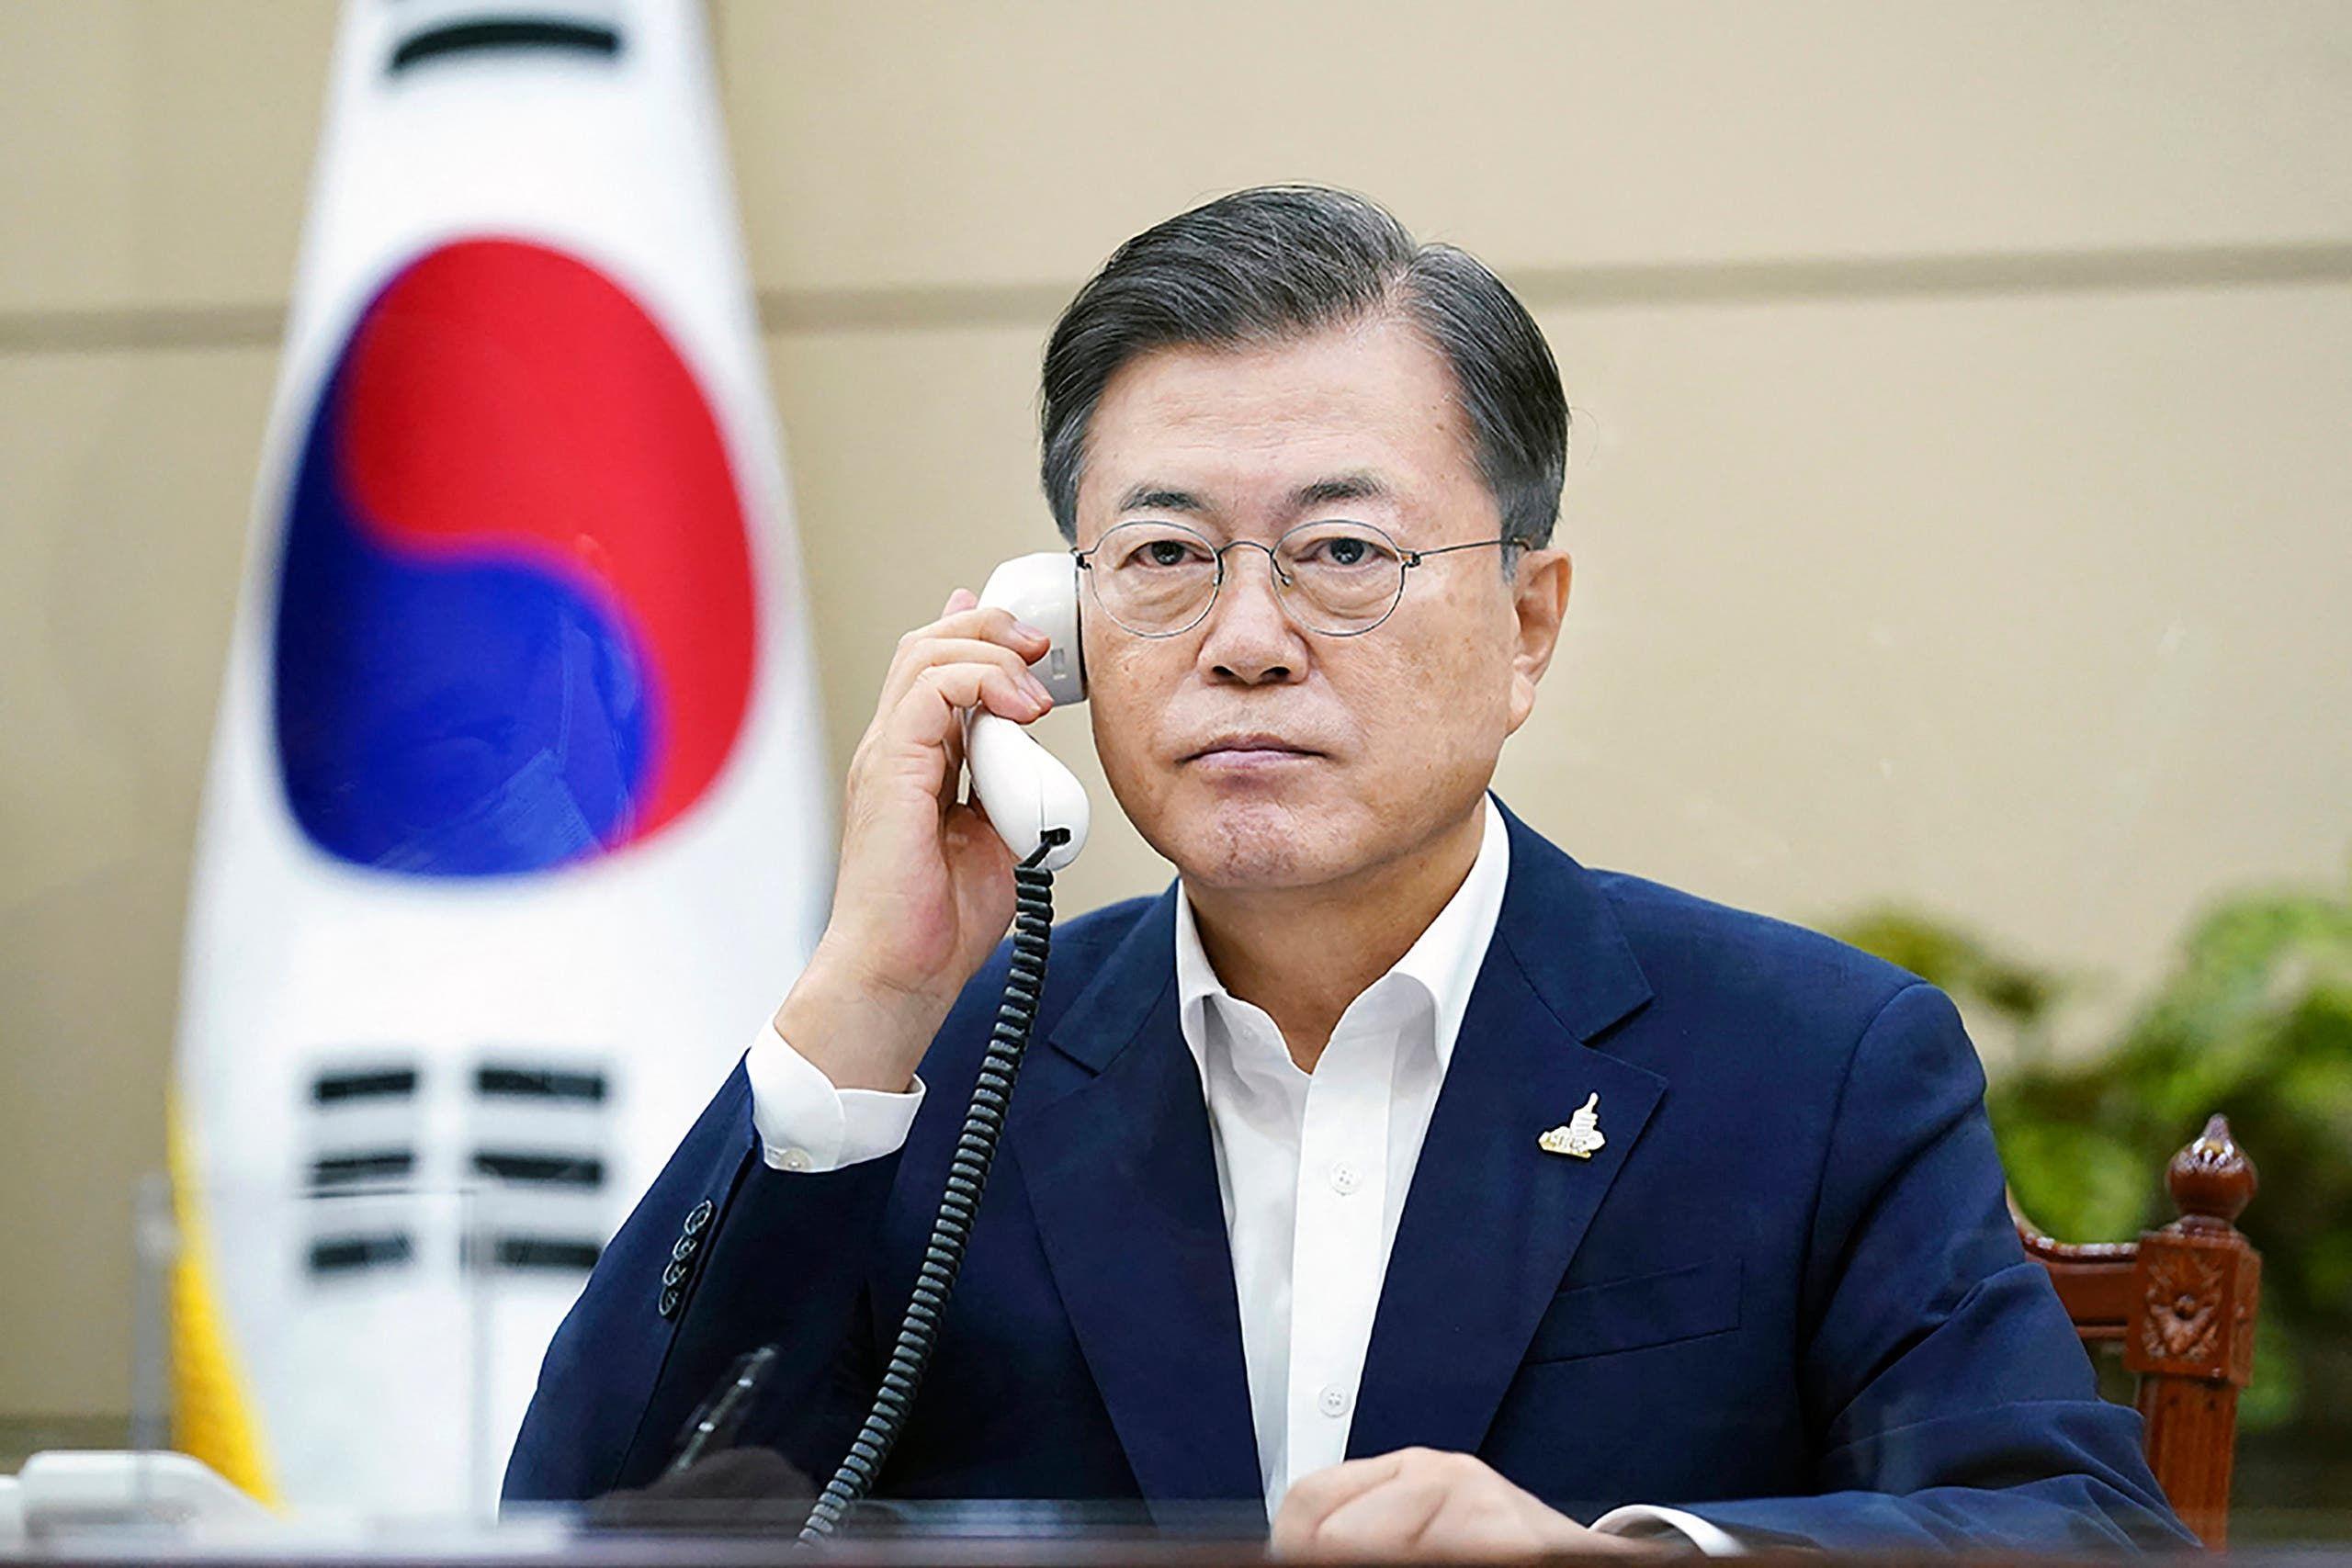 رئيس كوريا الجنوبية مون جاي-إن خلال اتصال مع رئيس الوزراء الياباني يوشيهيدي سوغا، في سبتمبر 2020